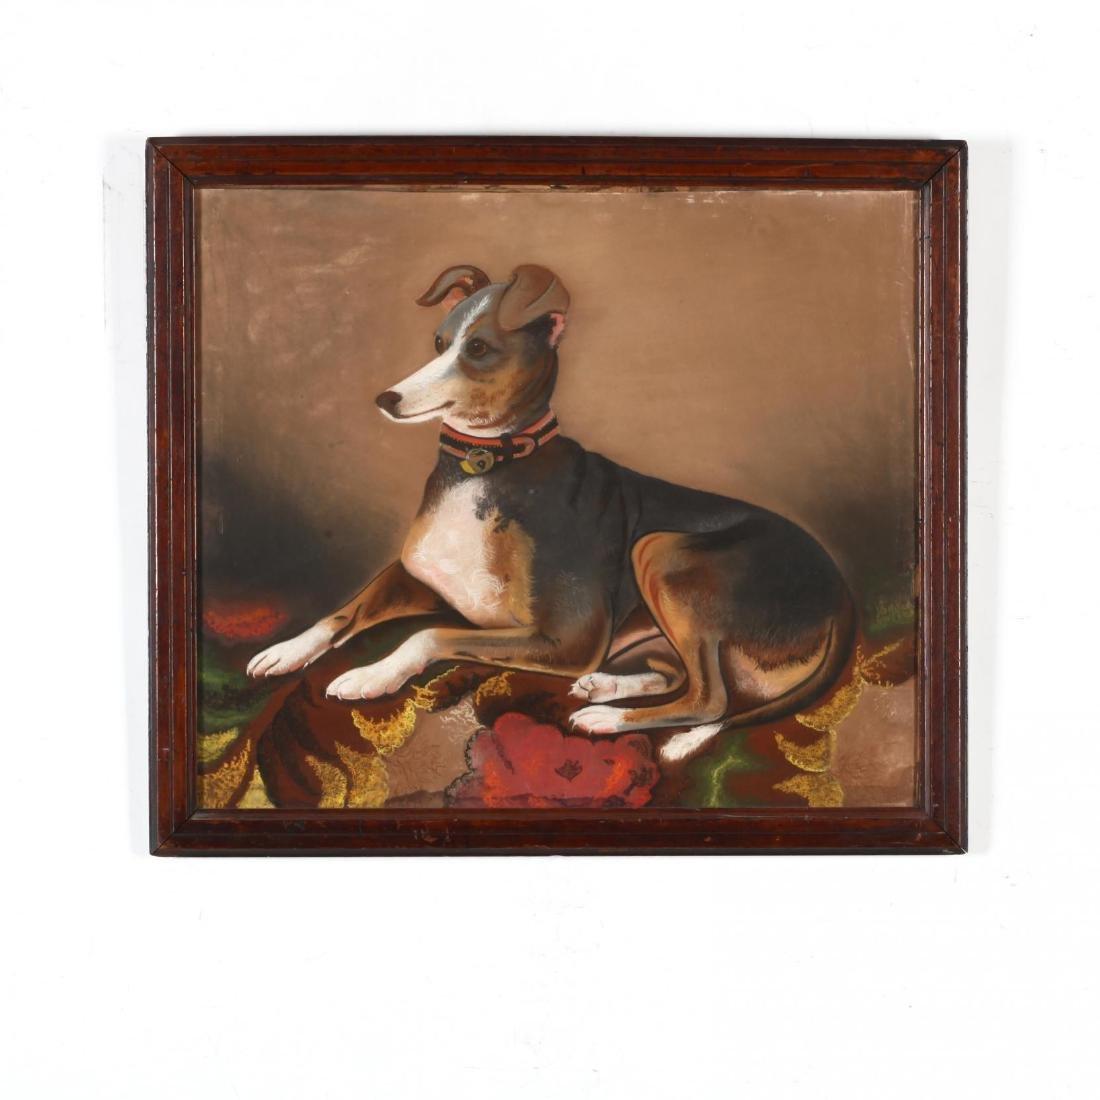 An Antique Folk Art Painting of a Beloved Hound